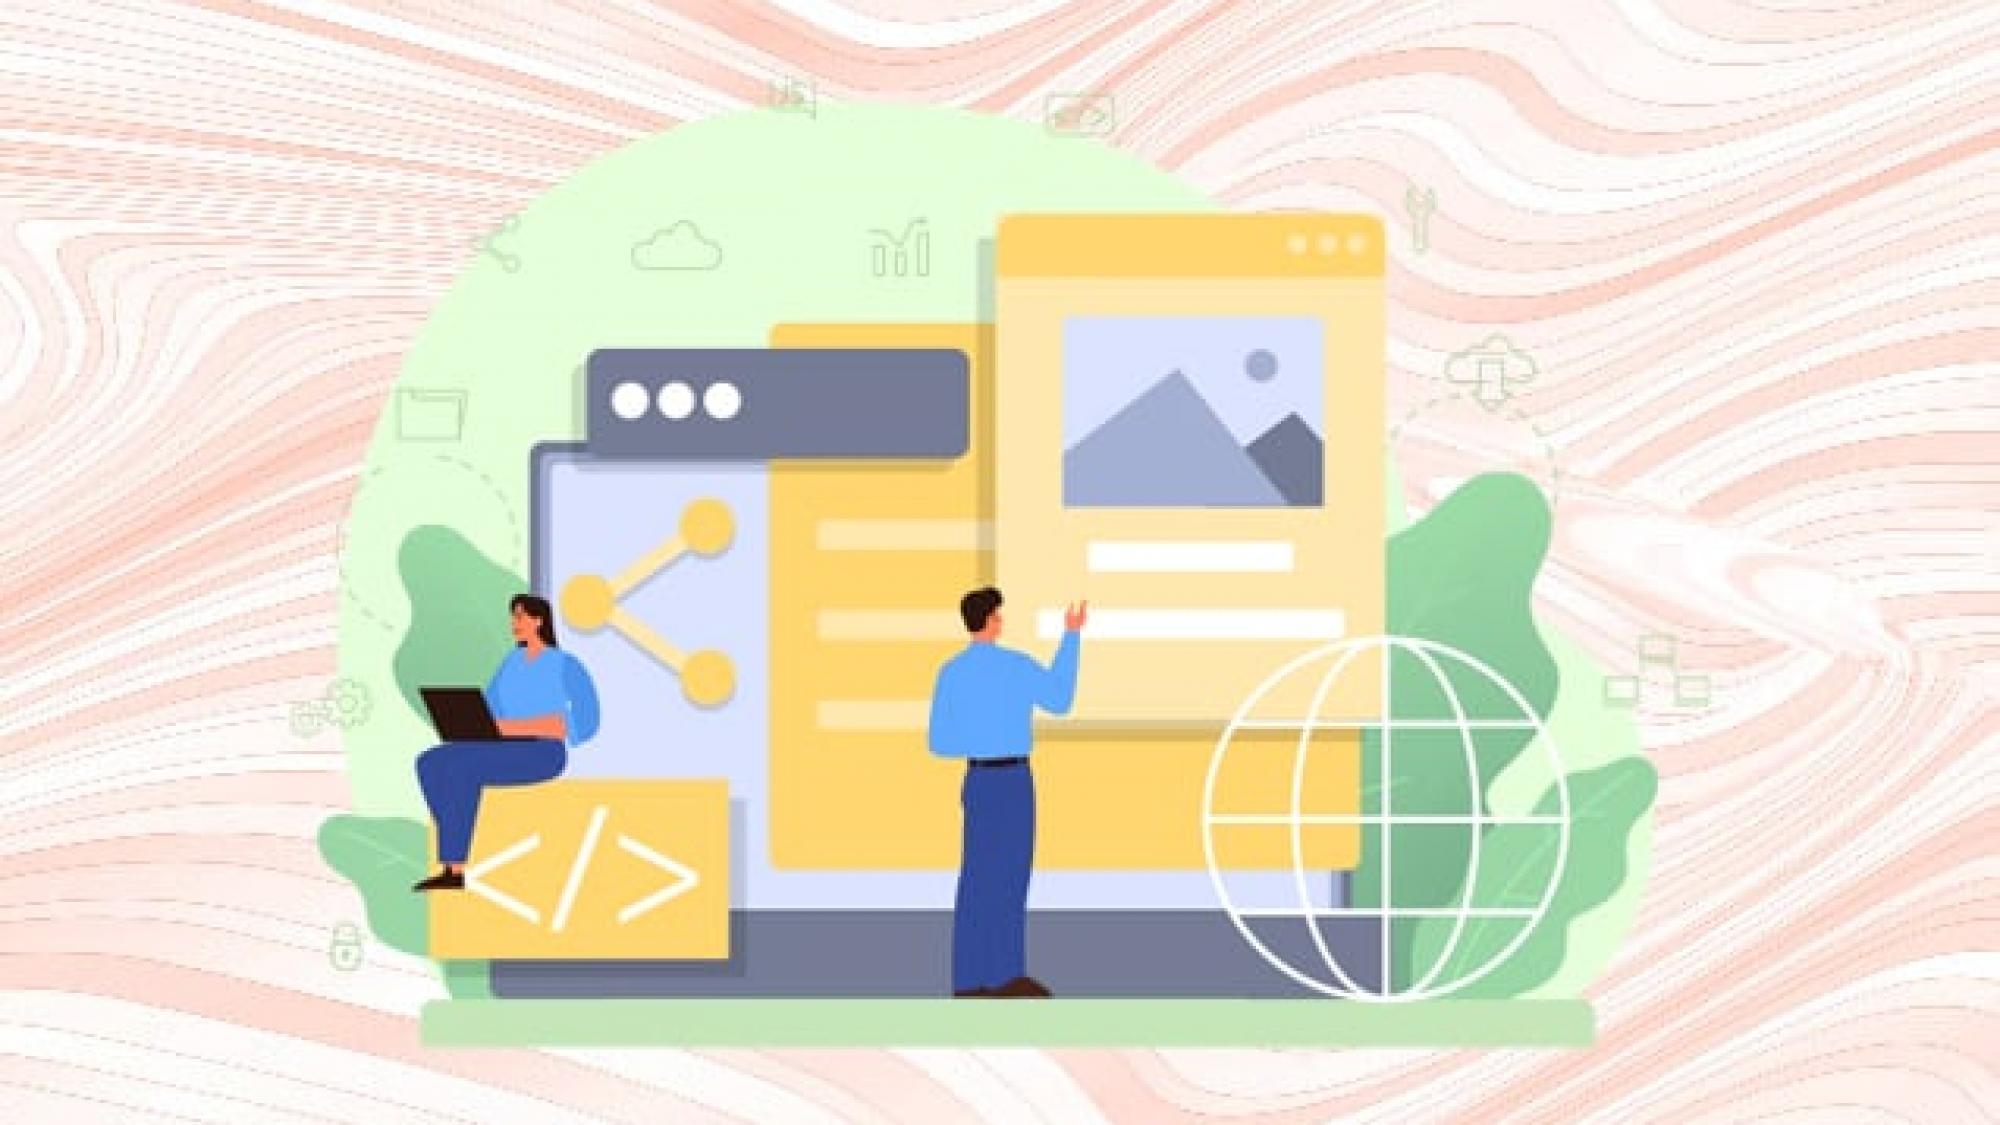 فاکتورهای مهم طراحی سایت